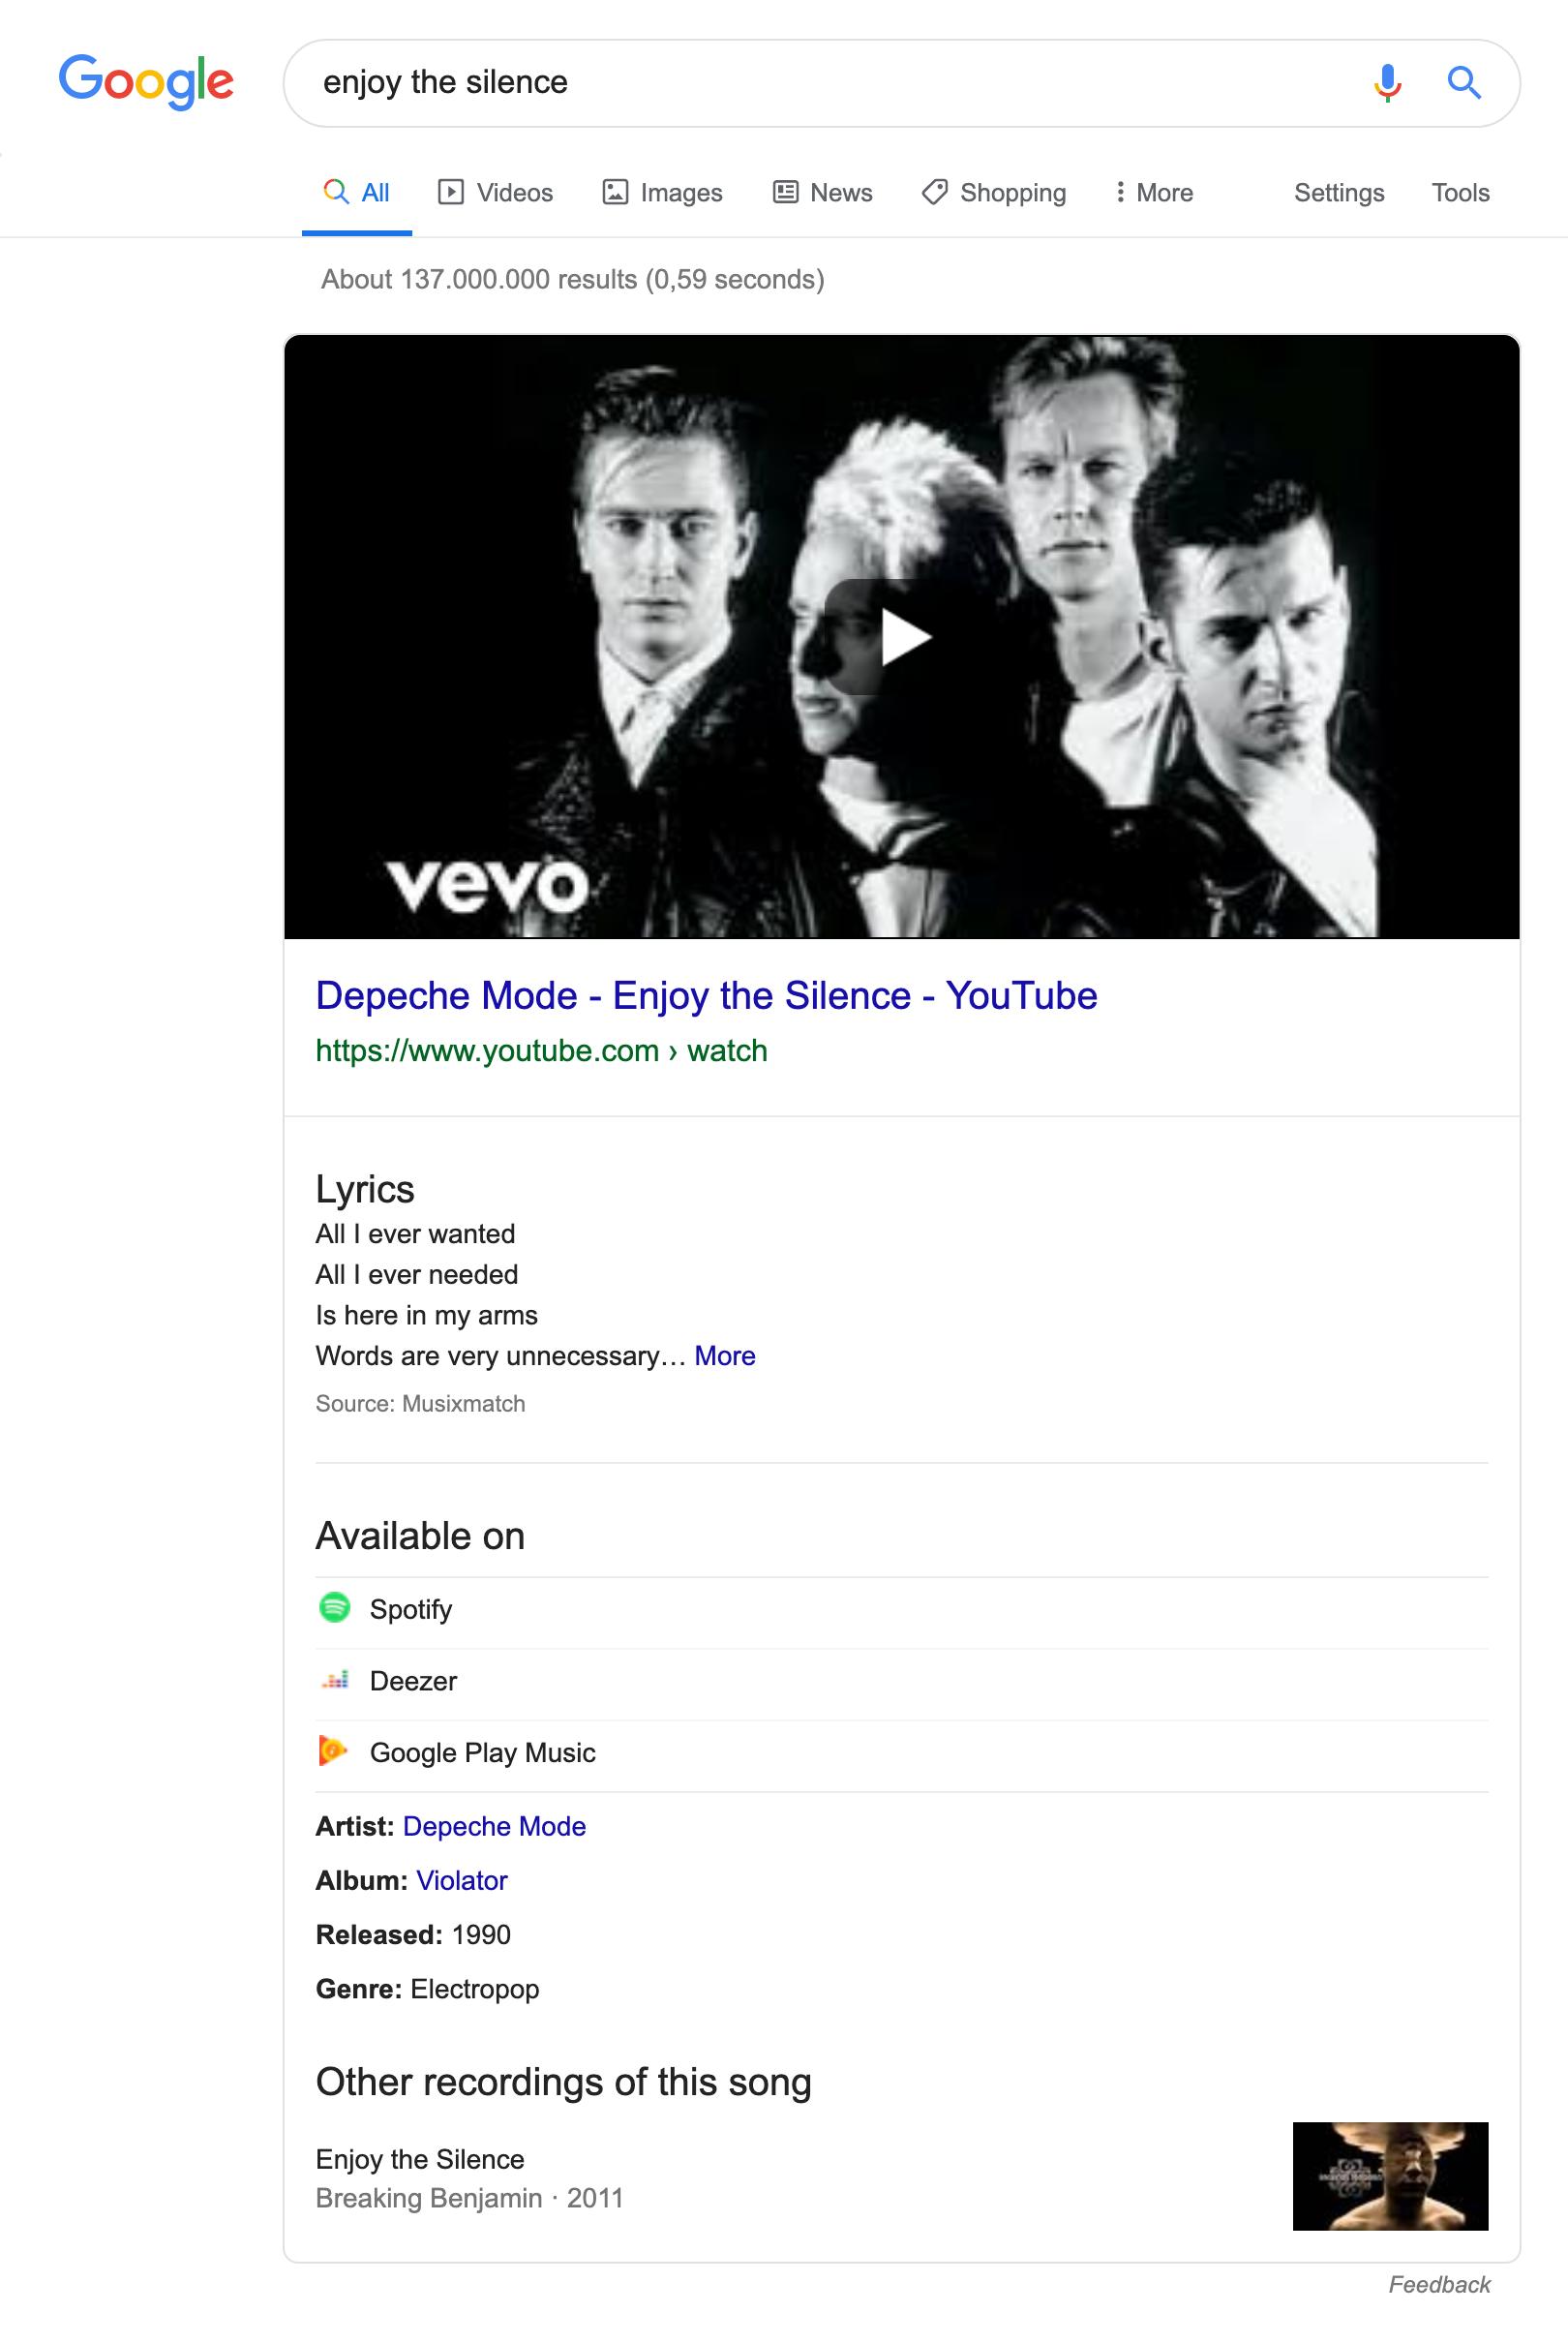 """Suchergebnisseite für die Suchanfrage """"enjoy the silence"""". Als erstes wird eine Knowledge-Graph Box angezeigt in dem das Video auf Youtube verlinkt ist, die Lyrics angezeigt werden können und Informationen zum Interpreten, dem Album, dem Veröffentlichungsdatum und weiteren Informationen zu sehen ist."""